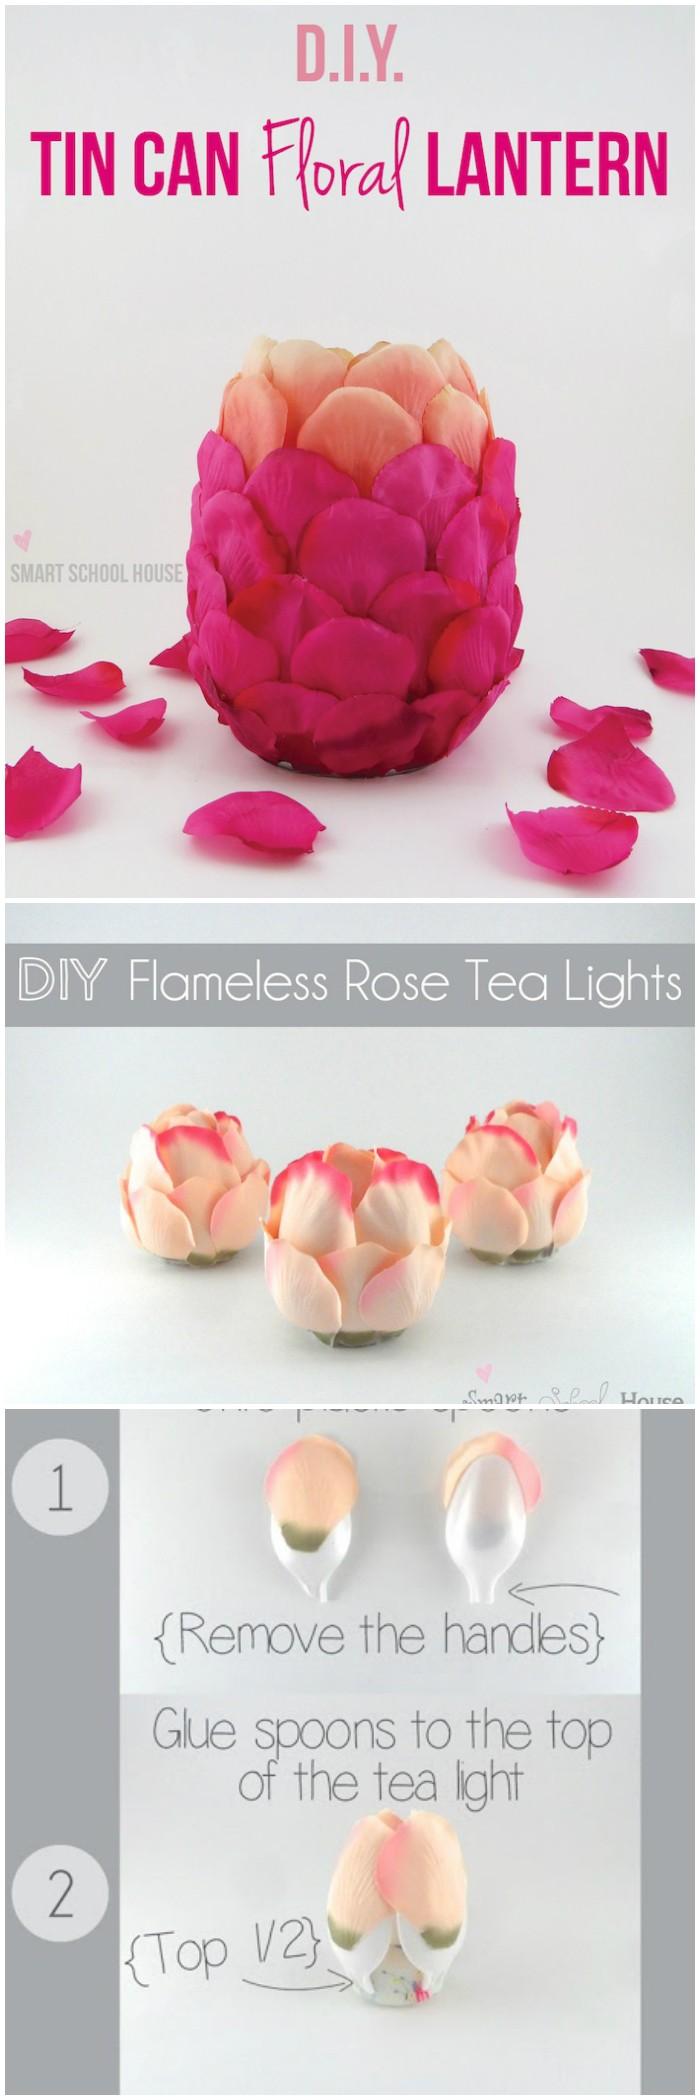 DIY Flameless Rose Tea Lights